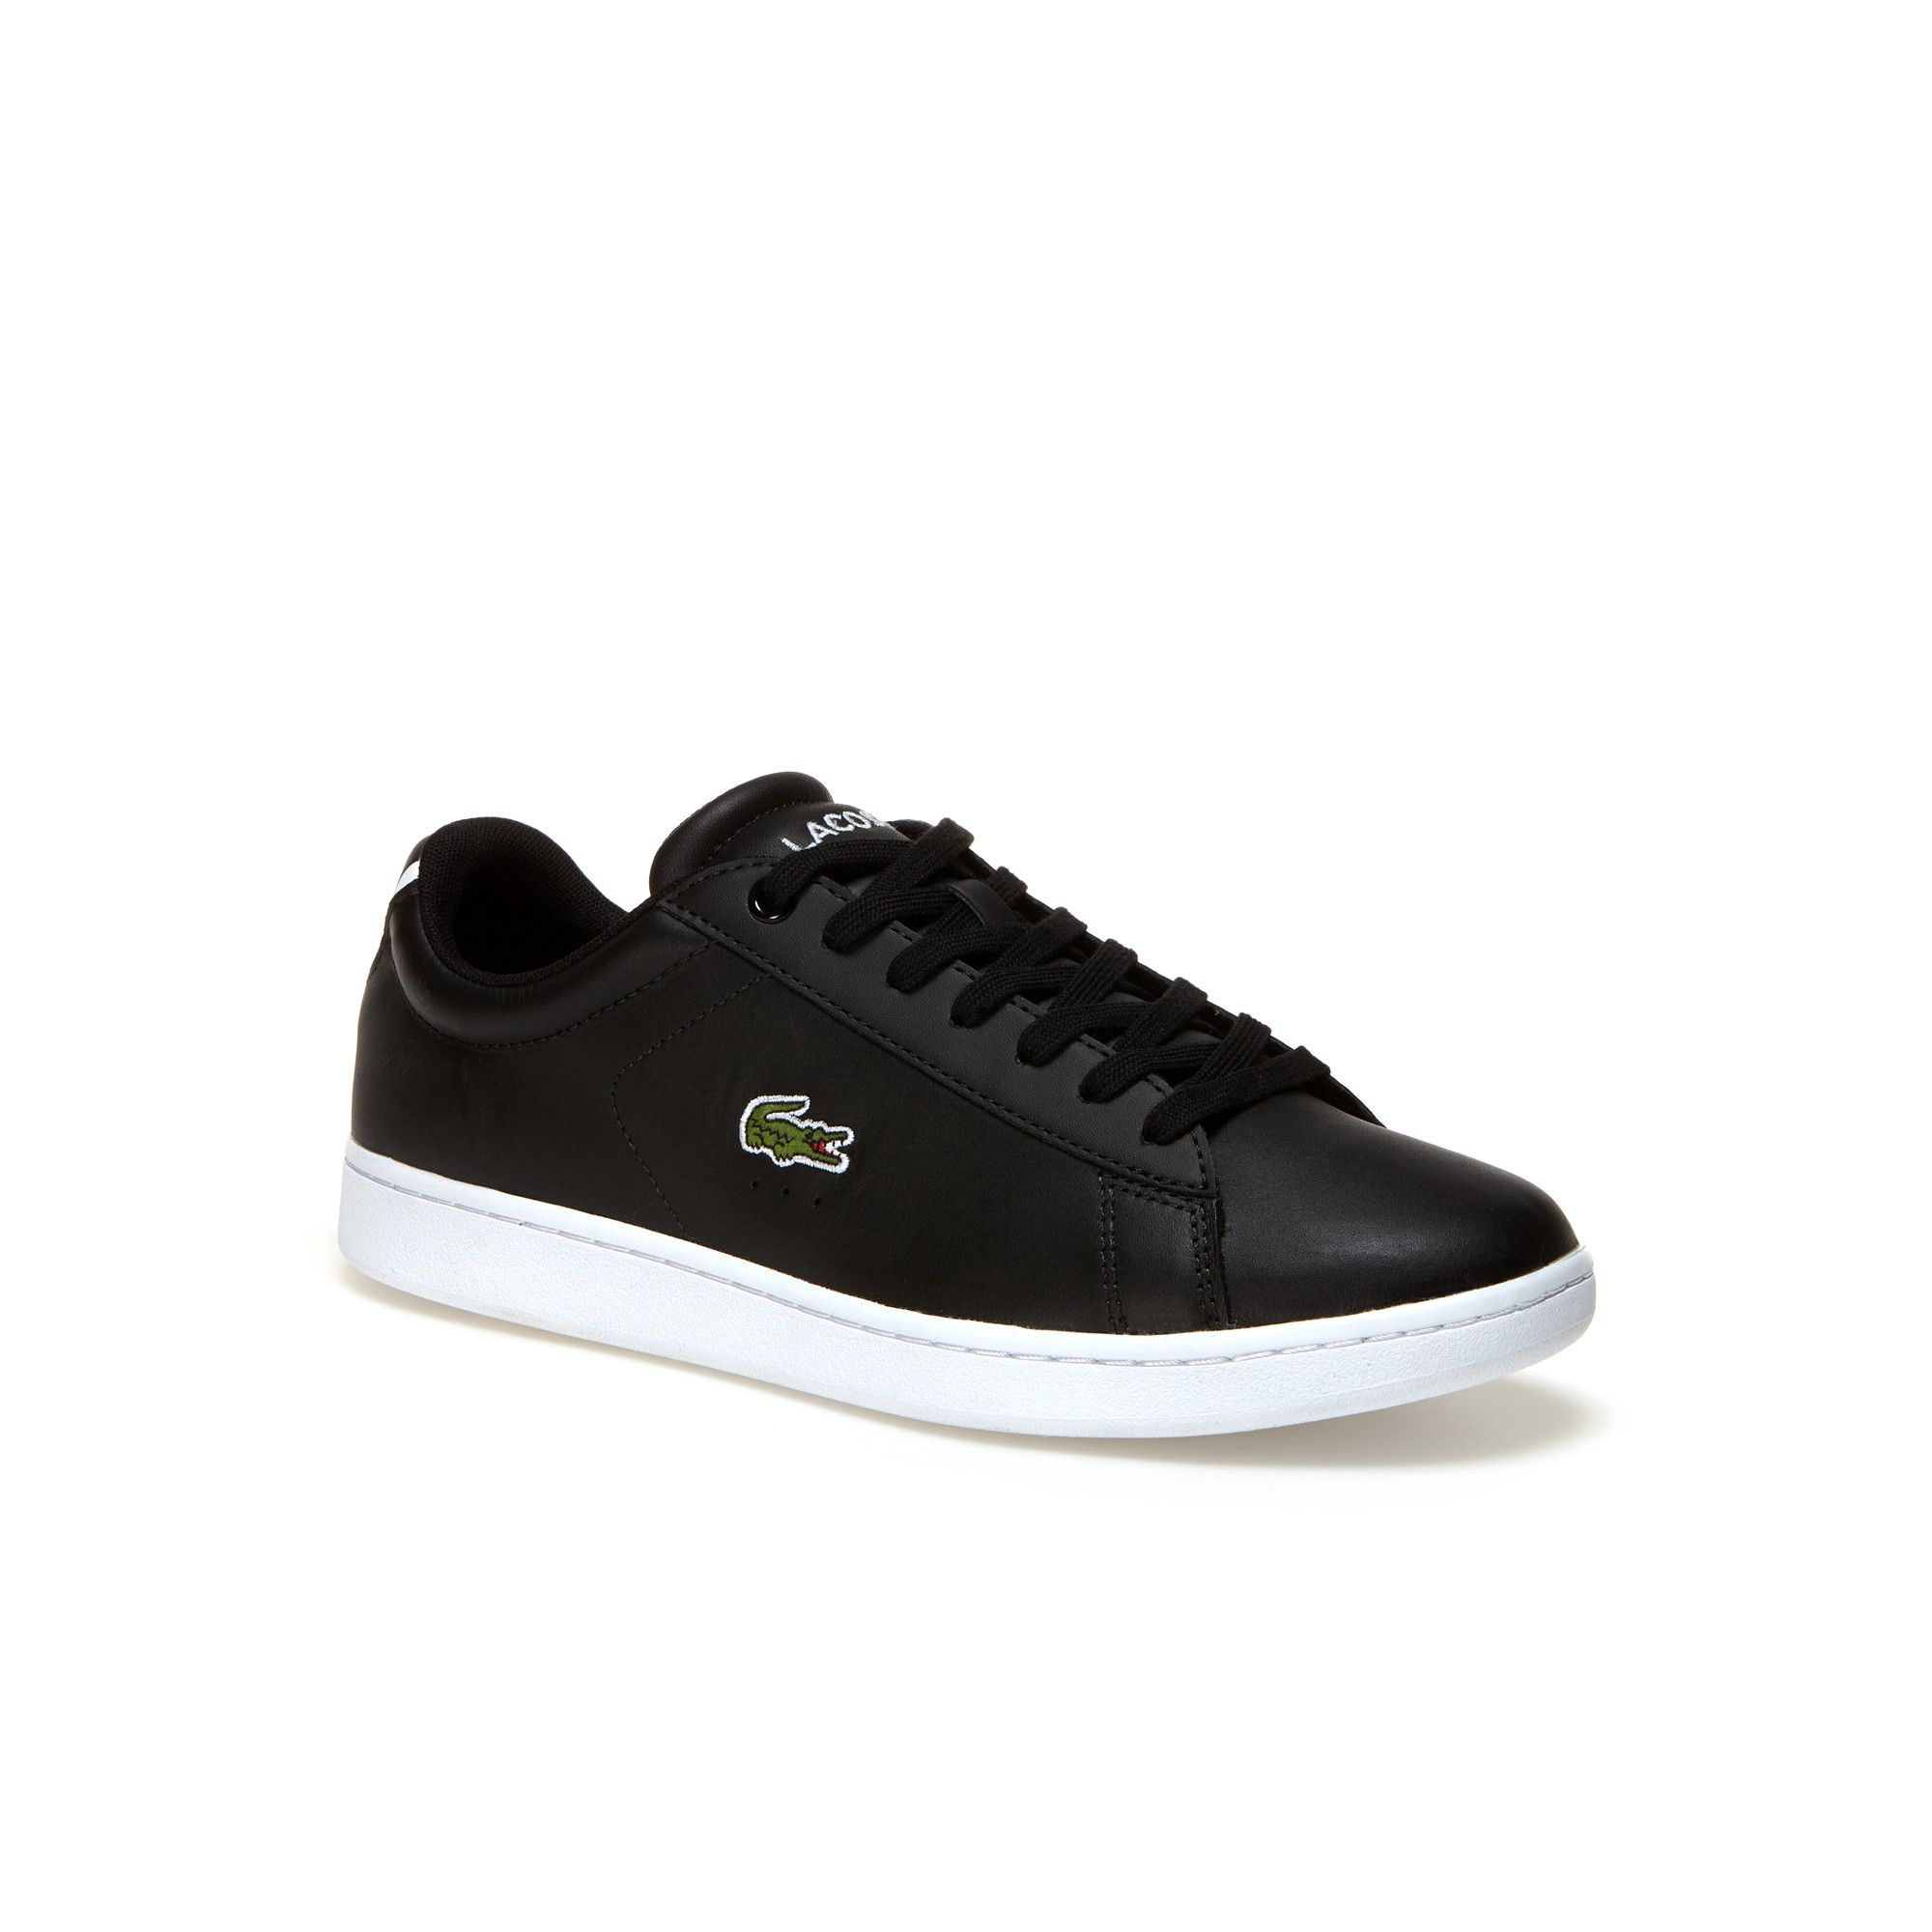 Lacoste shoes women